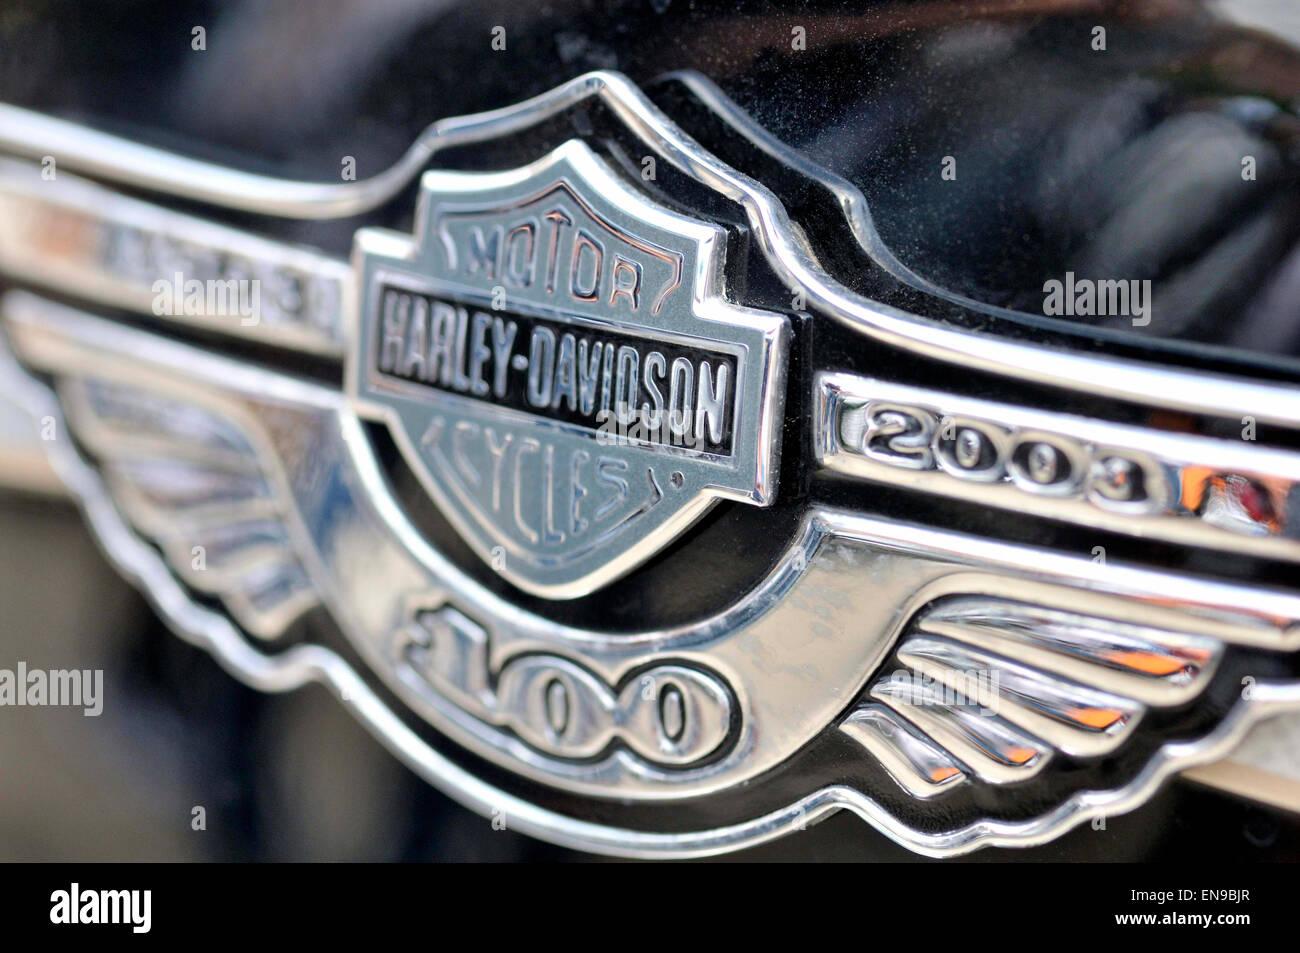 Harley davidson motorcycle logo detail stock photo royalty free harley davidson motorcycle logo detail voltagebd Choice Image